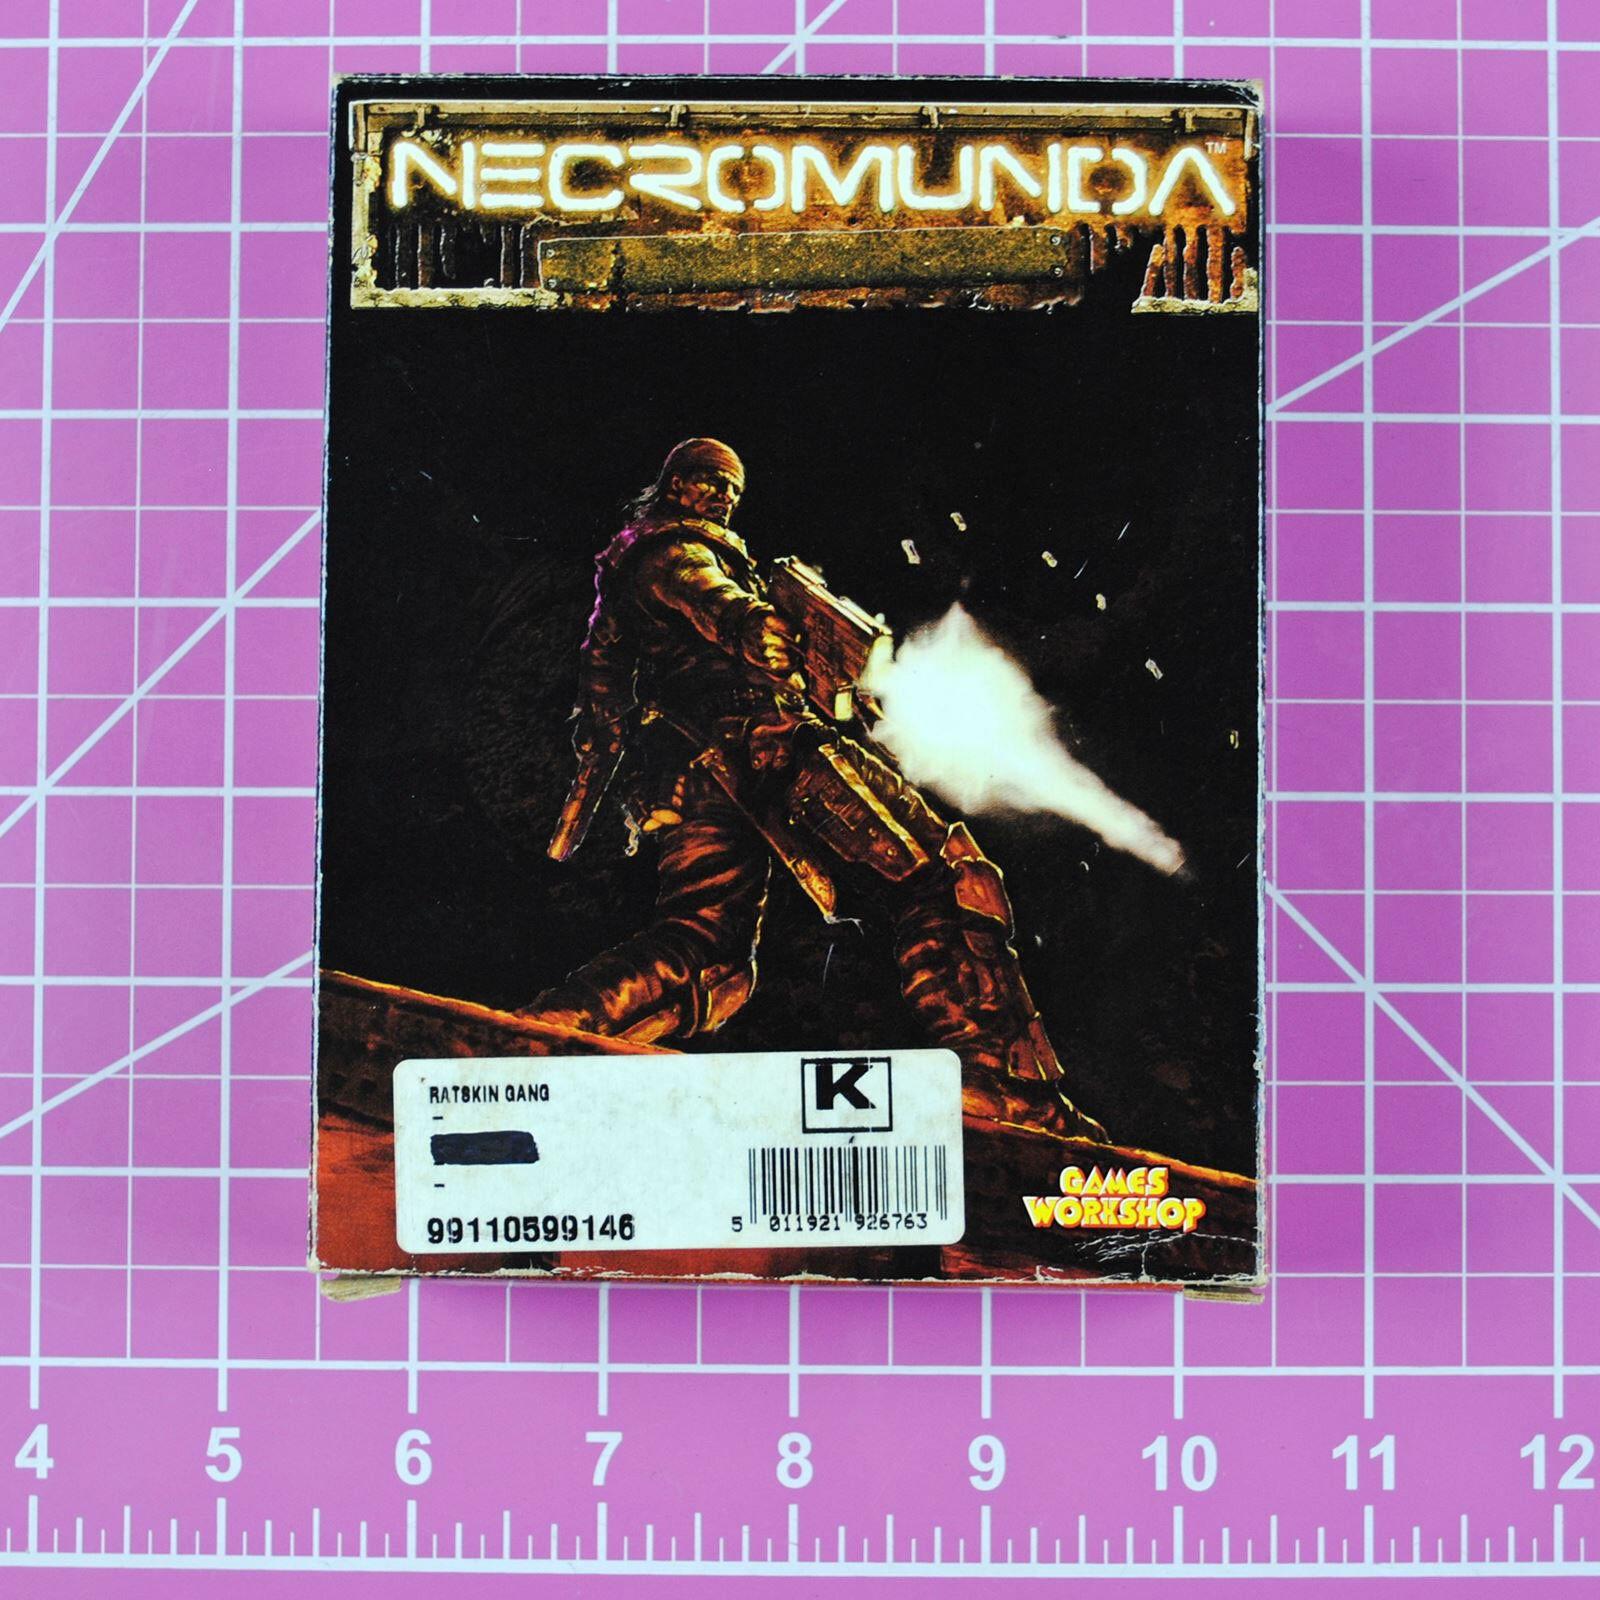 Necromunda Ratskin Gang Boxed Set Rare OOP Games Workshop Warhammer 40K Ratskins